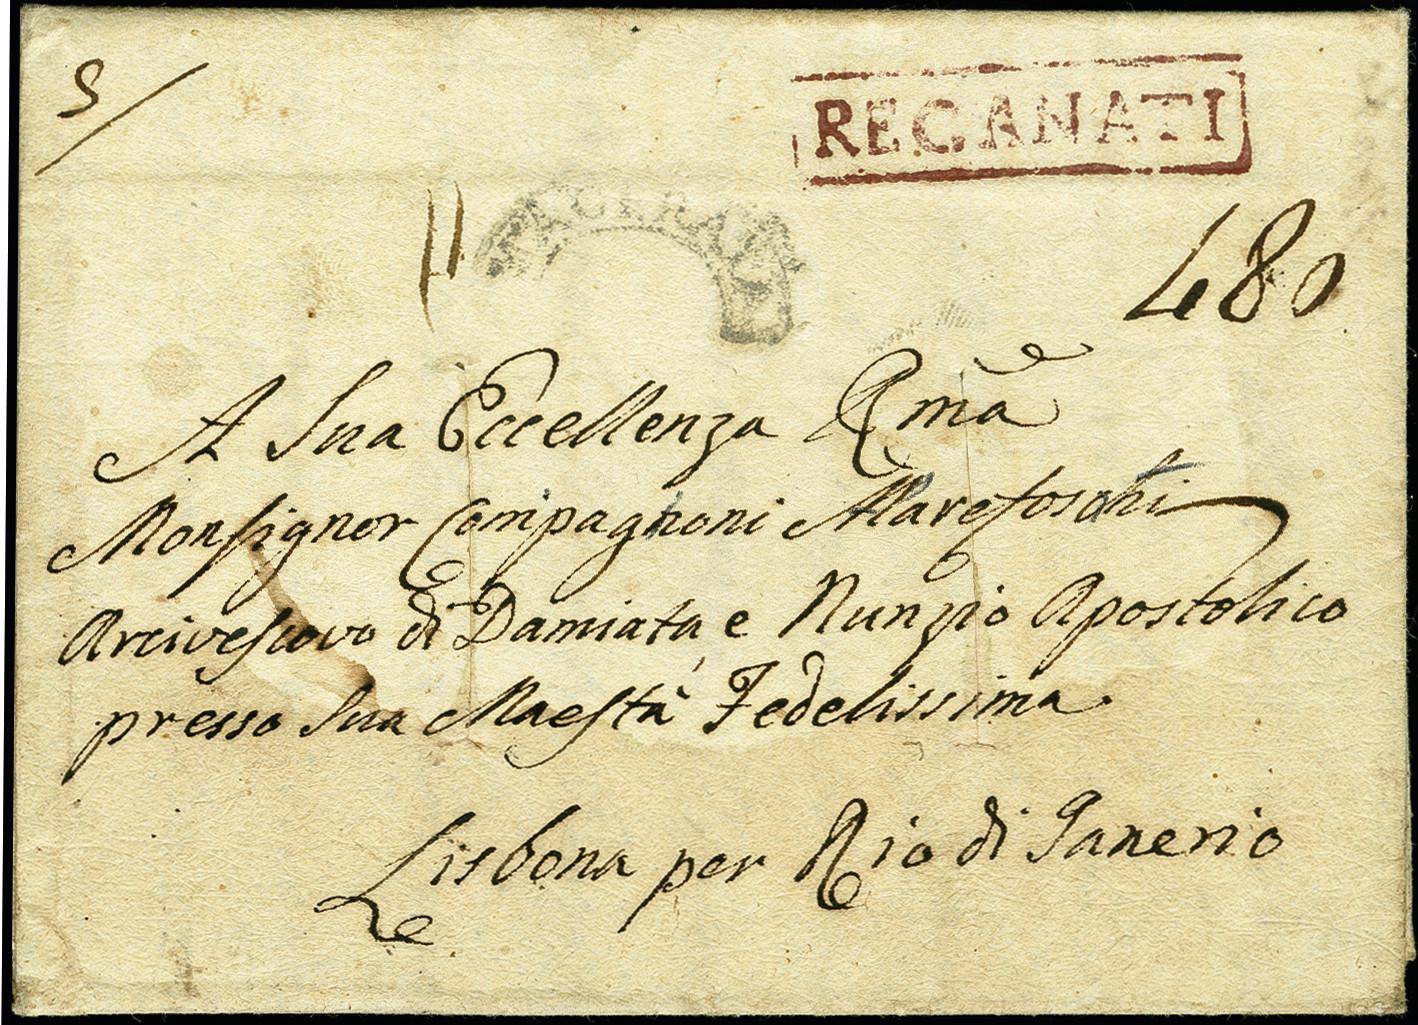 Lot 1565 - übersee brazil -  Heinrich Koehler Auktionen 375rd Heinrich Köhler auction - Day 1